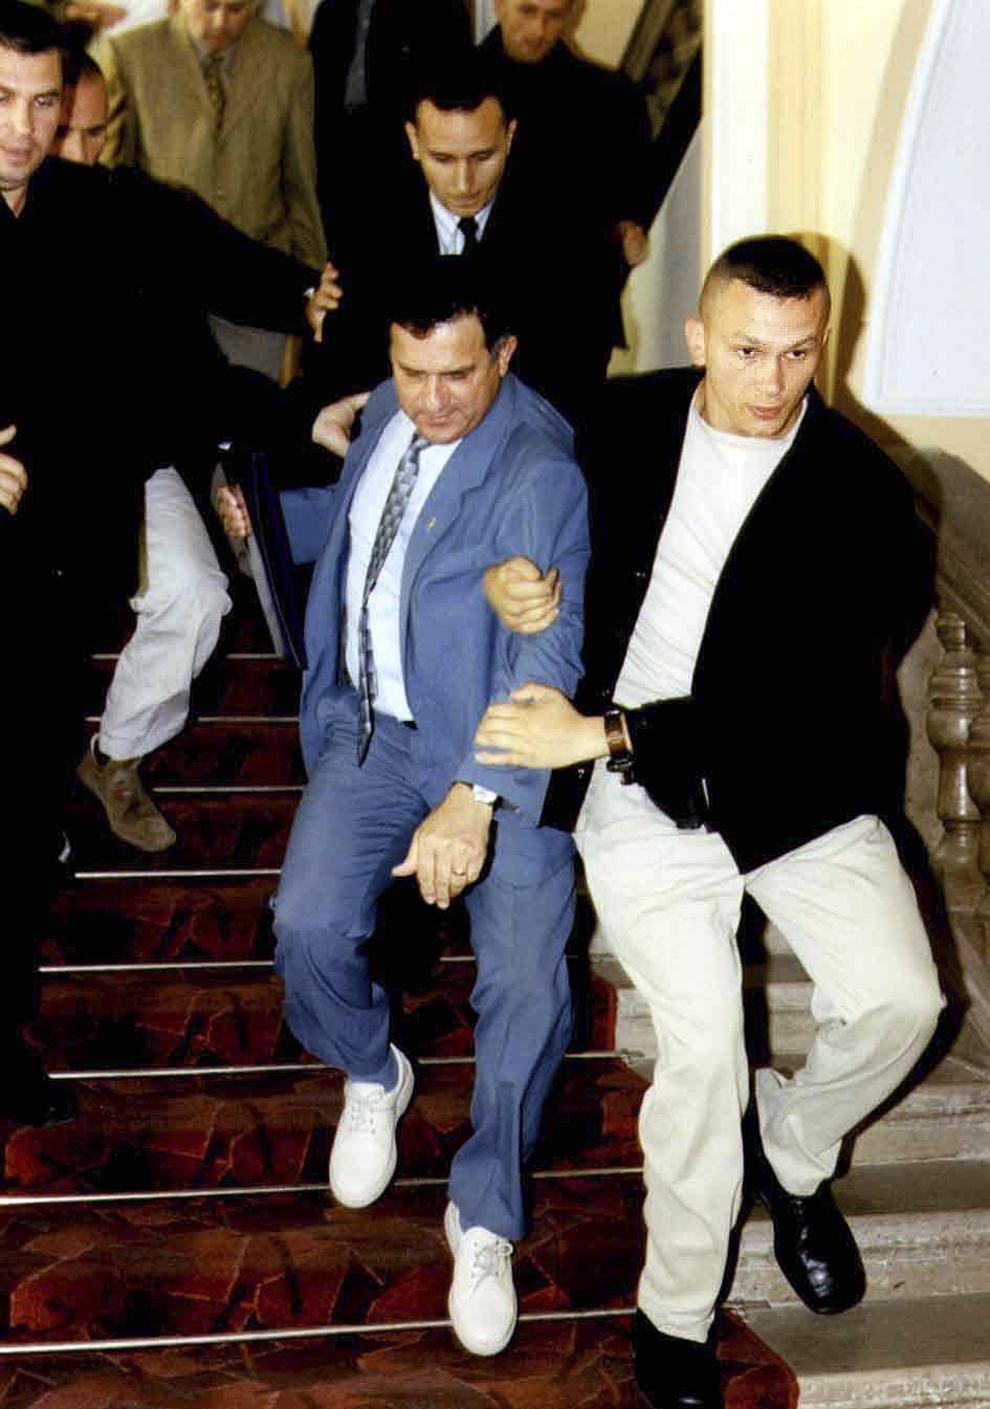 Gheorghe Funar este ridicat de politişti din biroul său pentru a da declaraţii la sediul Poliţiei, în legătură cu dosarele în care este cercetat, în Cluj-Napoca, 22 iunie 2001.